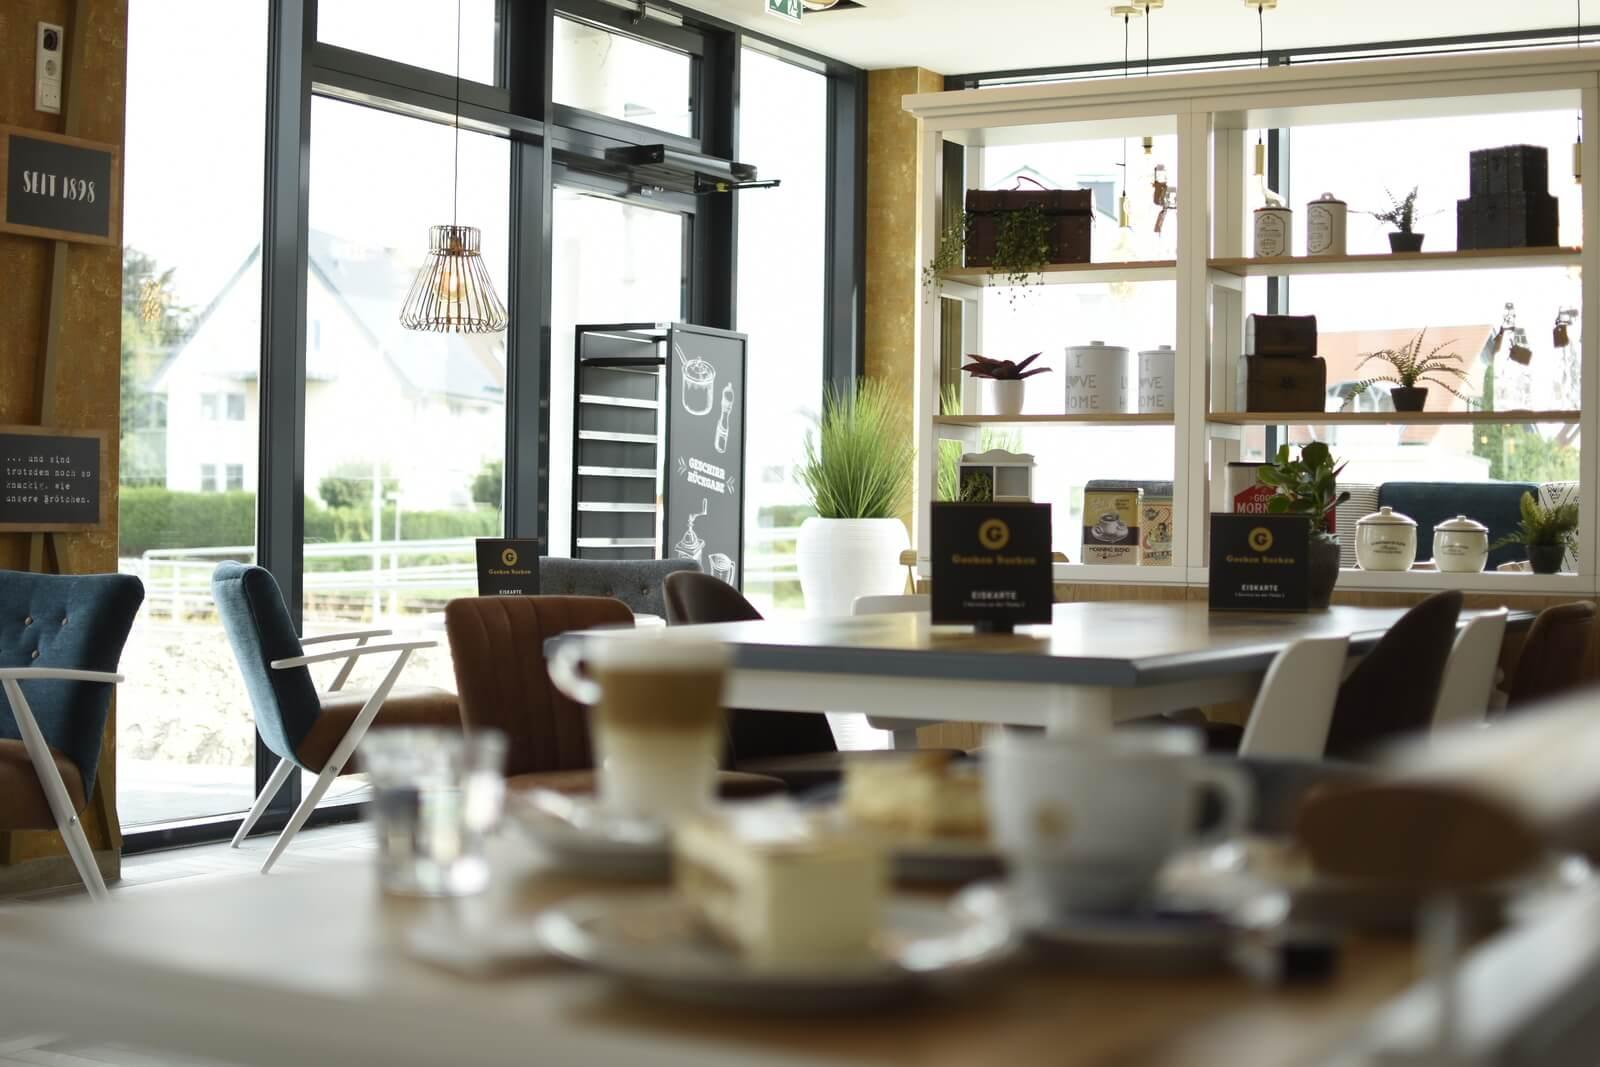 Bäckerei innenstadt Paderborn